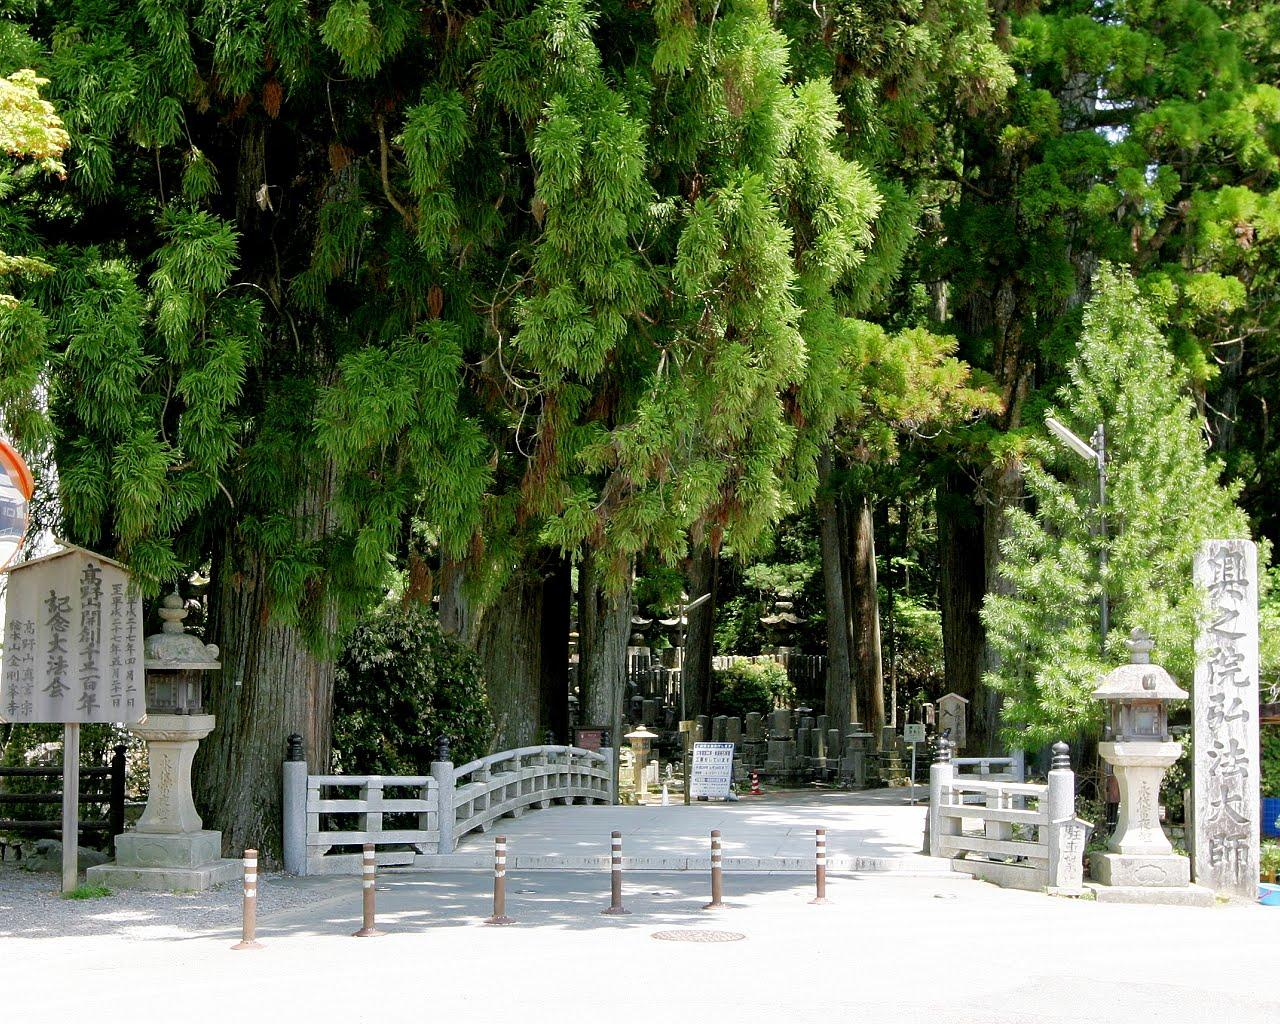 跟著相機去旅行: 【和歌山】高野山-奧之院與參道